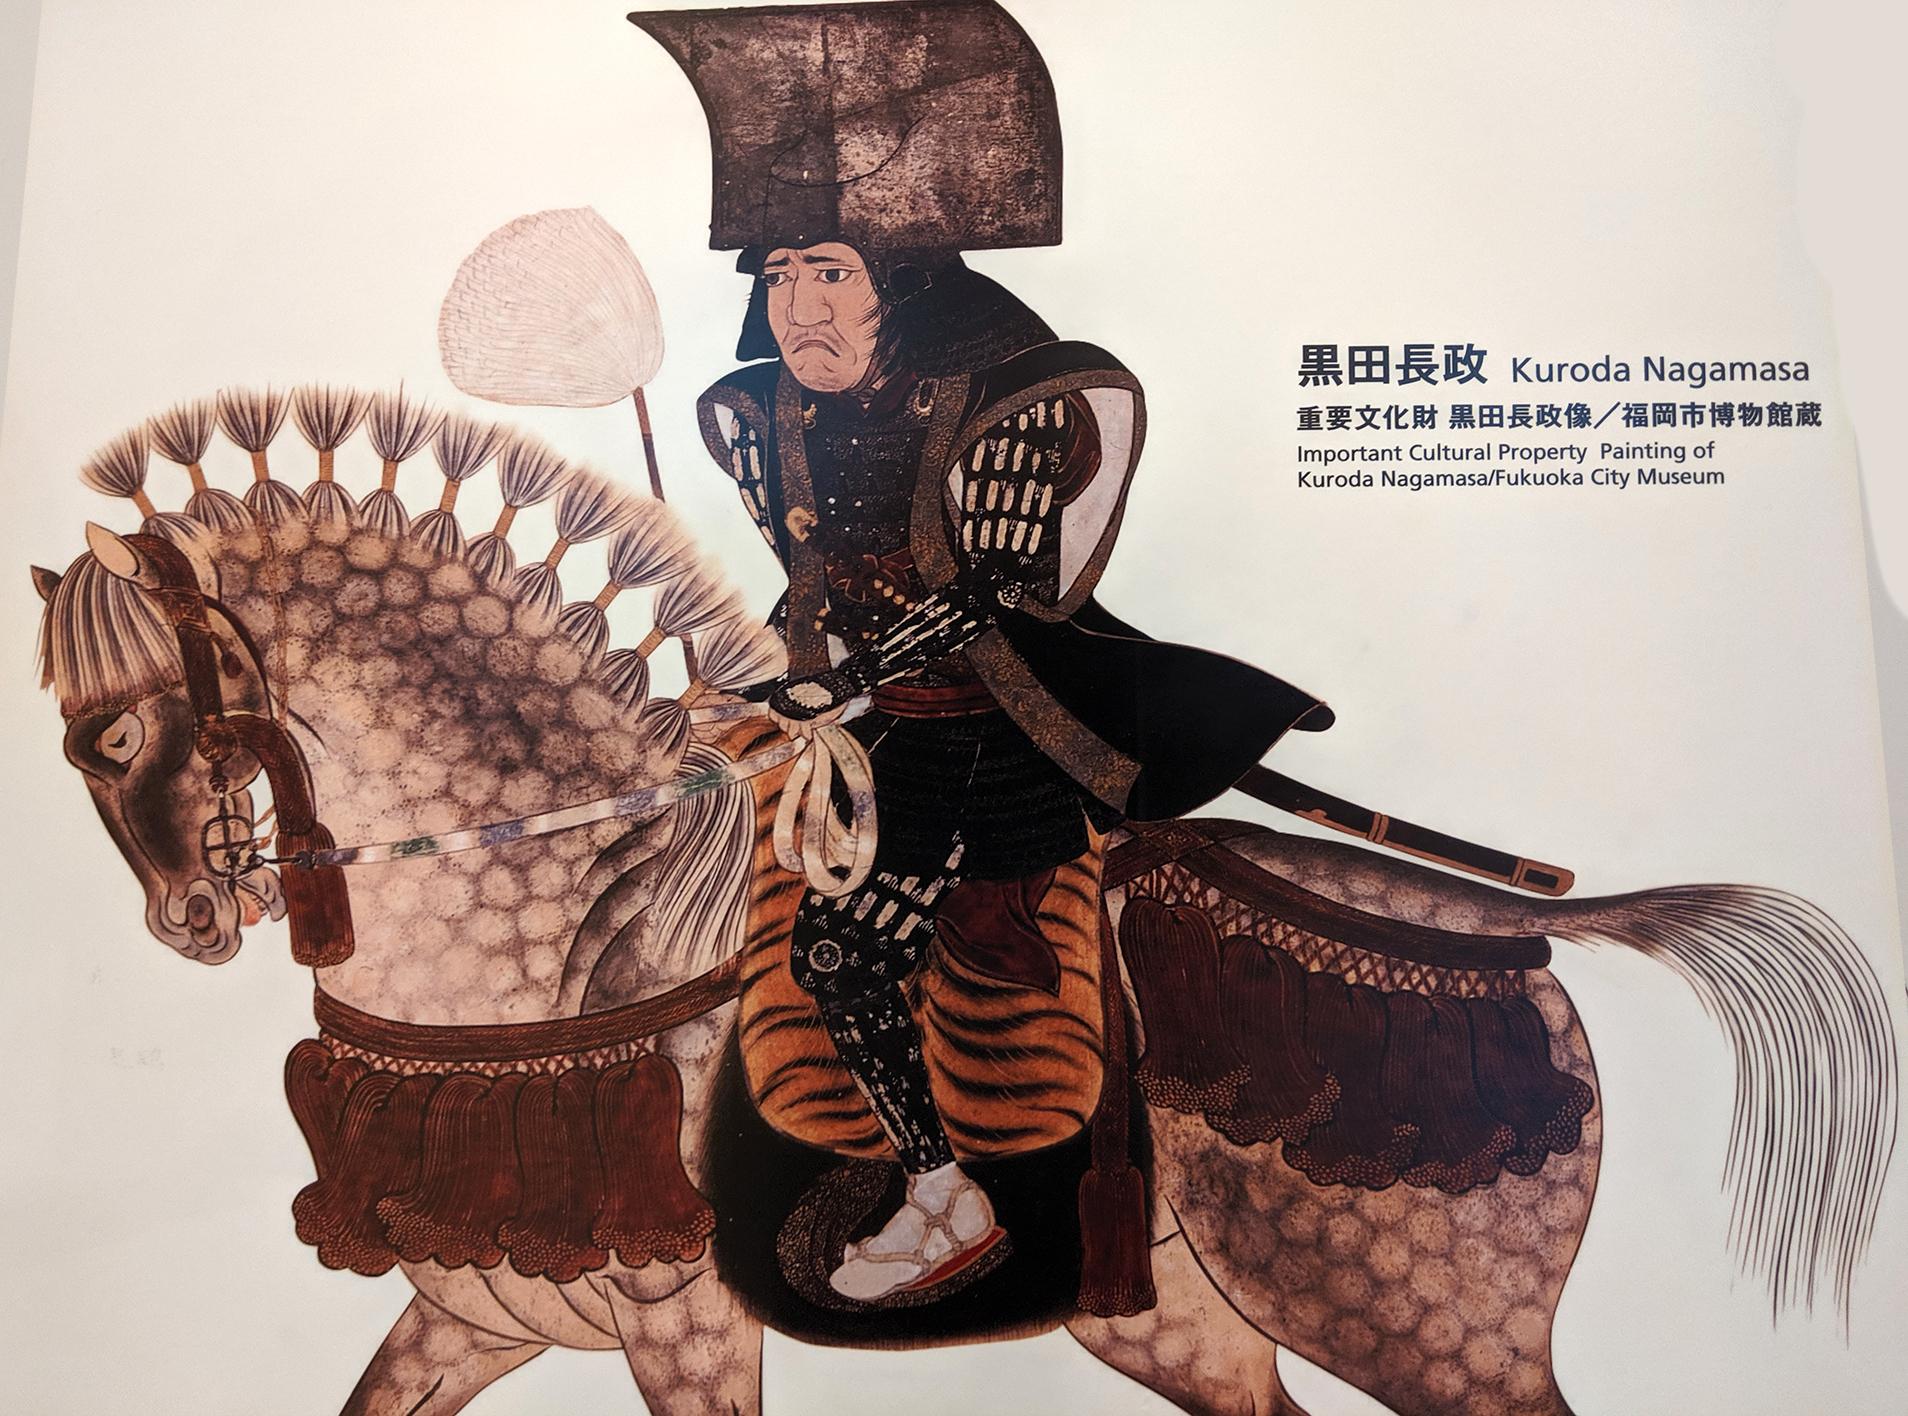 3福岡城むかし探訪館の黒田長政像/福岡市博物館蔵